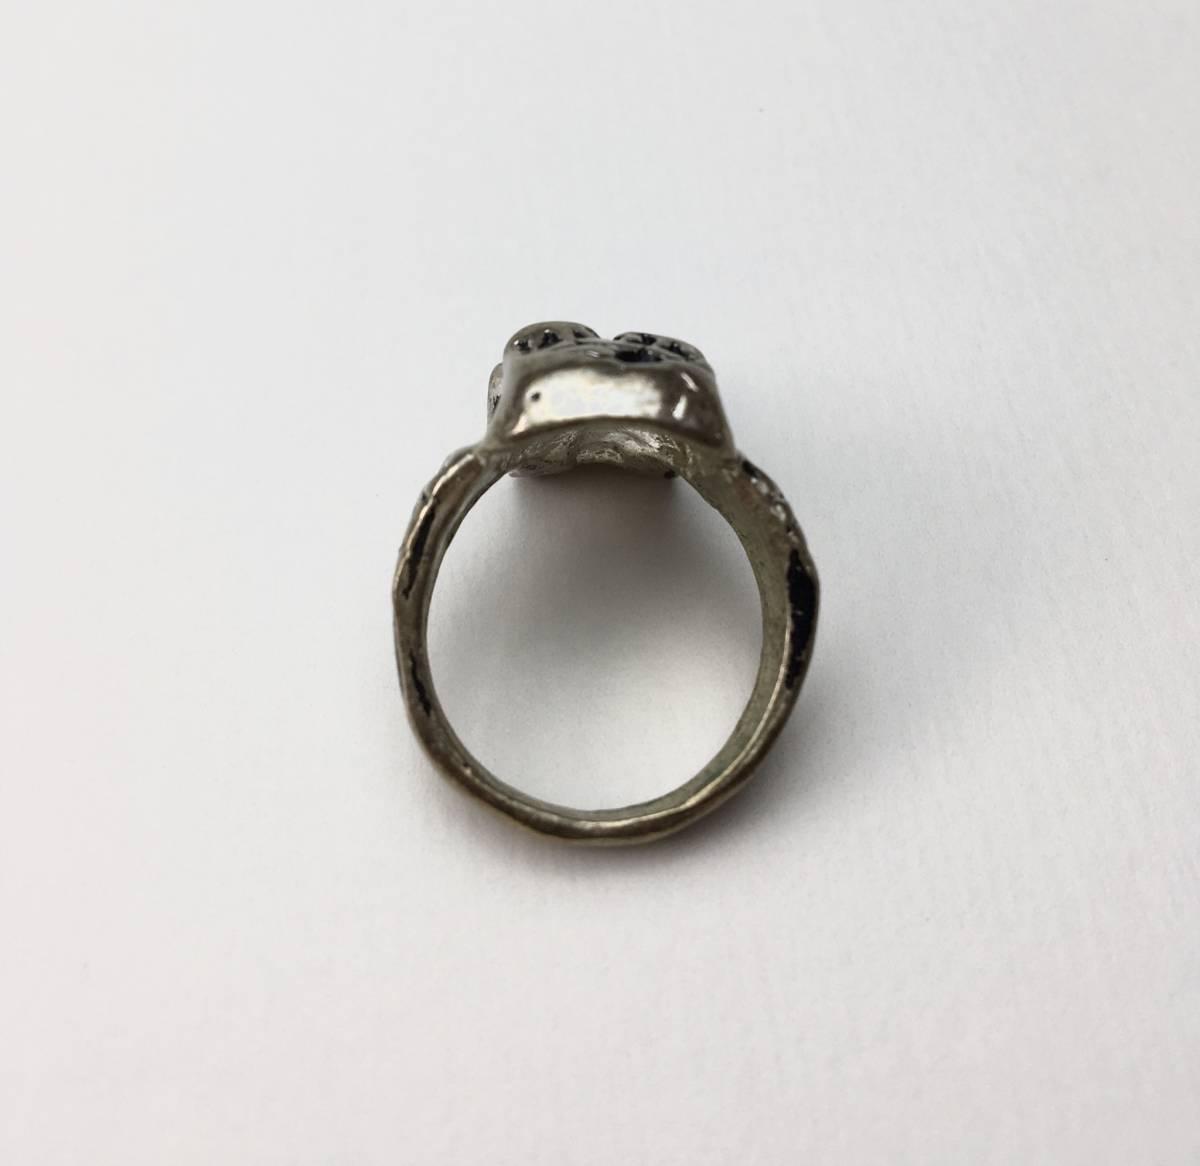 スカル リング 指輪 髑髏 ドクロ 骸骨 ガイコツ SKULL シルバーアクセサリー アンティーク アメリカ USA 雑貨 ヴィンテージ vintage 2_画像2